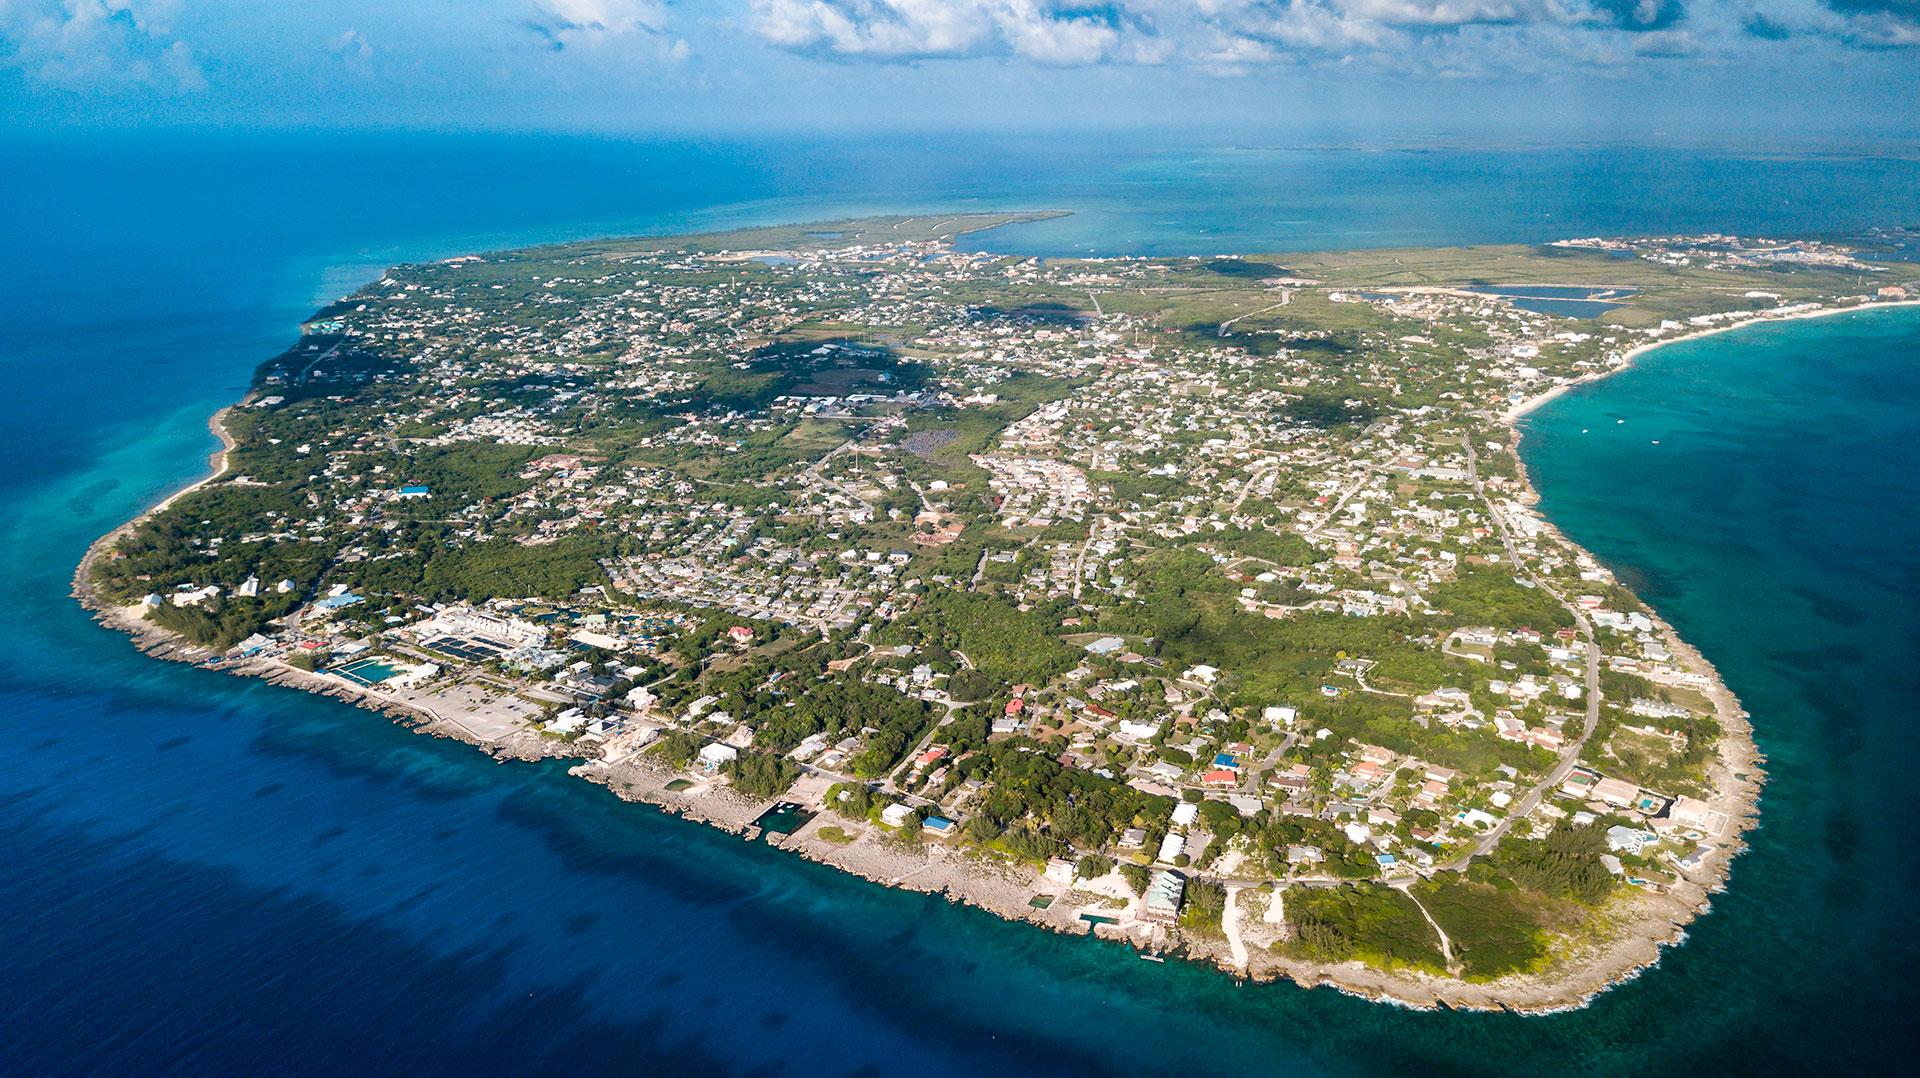 Gran Caimán es la más grande de las Islas Caimán, un territorio británico de ultramar en el Caribe. En George Town, su capital, está el Museo Nacional de las Islas Caimán, dedicado al patrimonio de estas islas. La ciudad es también un importante puerto de cruceros y cuenta con las ruinas del fuerte George de la época colonial